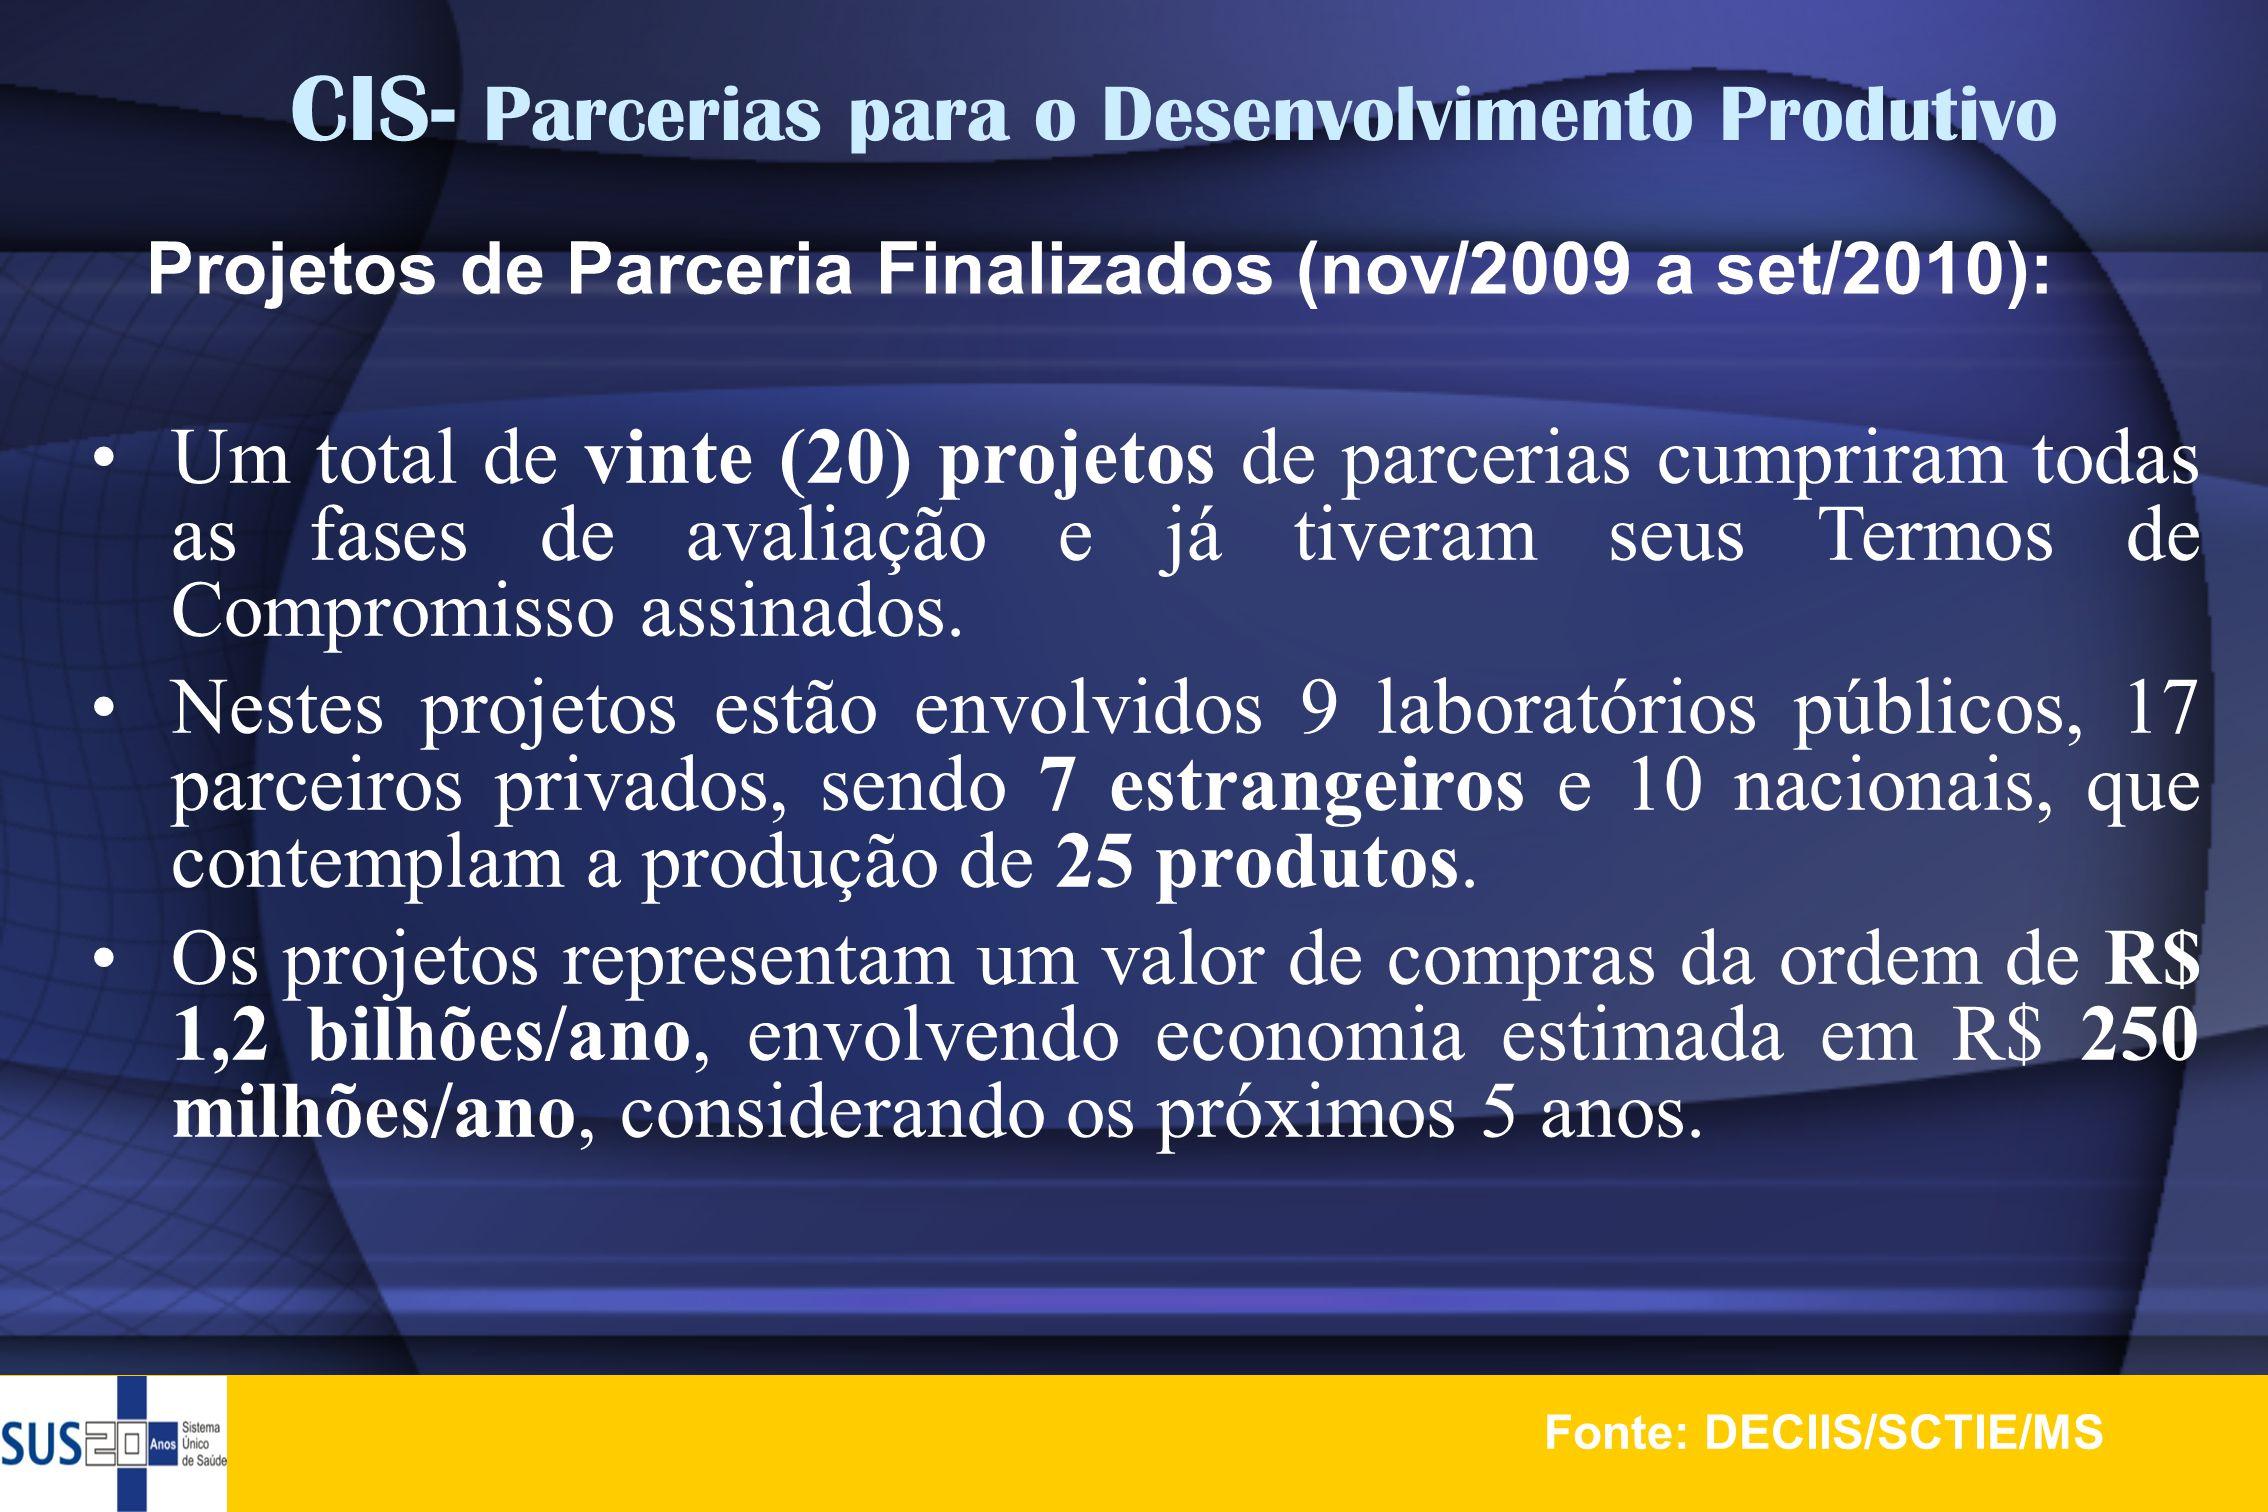 •Um total de vinte (20) projetos de parcerias cumpriram todas as fases de avaliação e já tiveram seus Termos de Compromisso assinados. •Nestes projeto